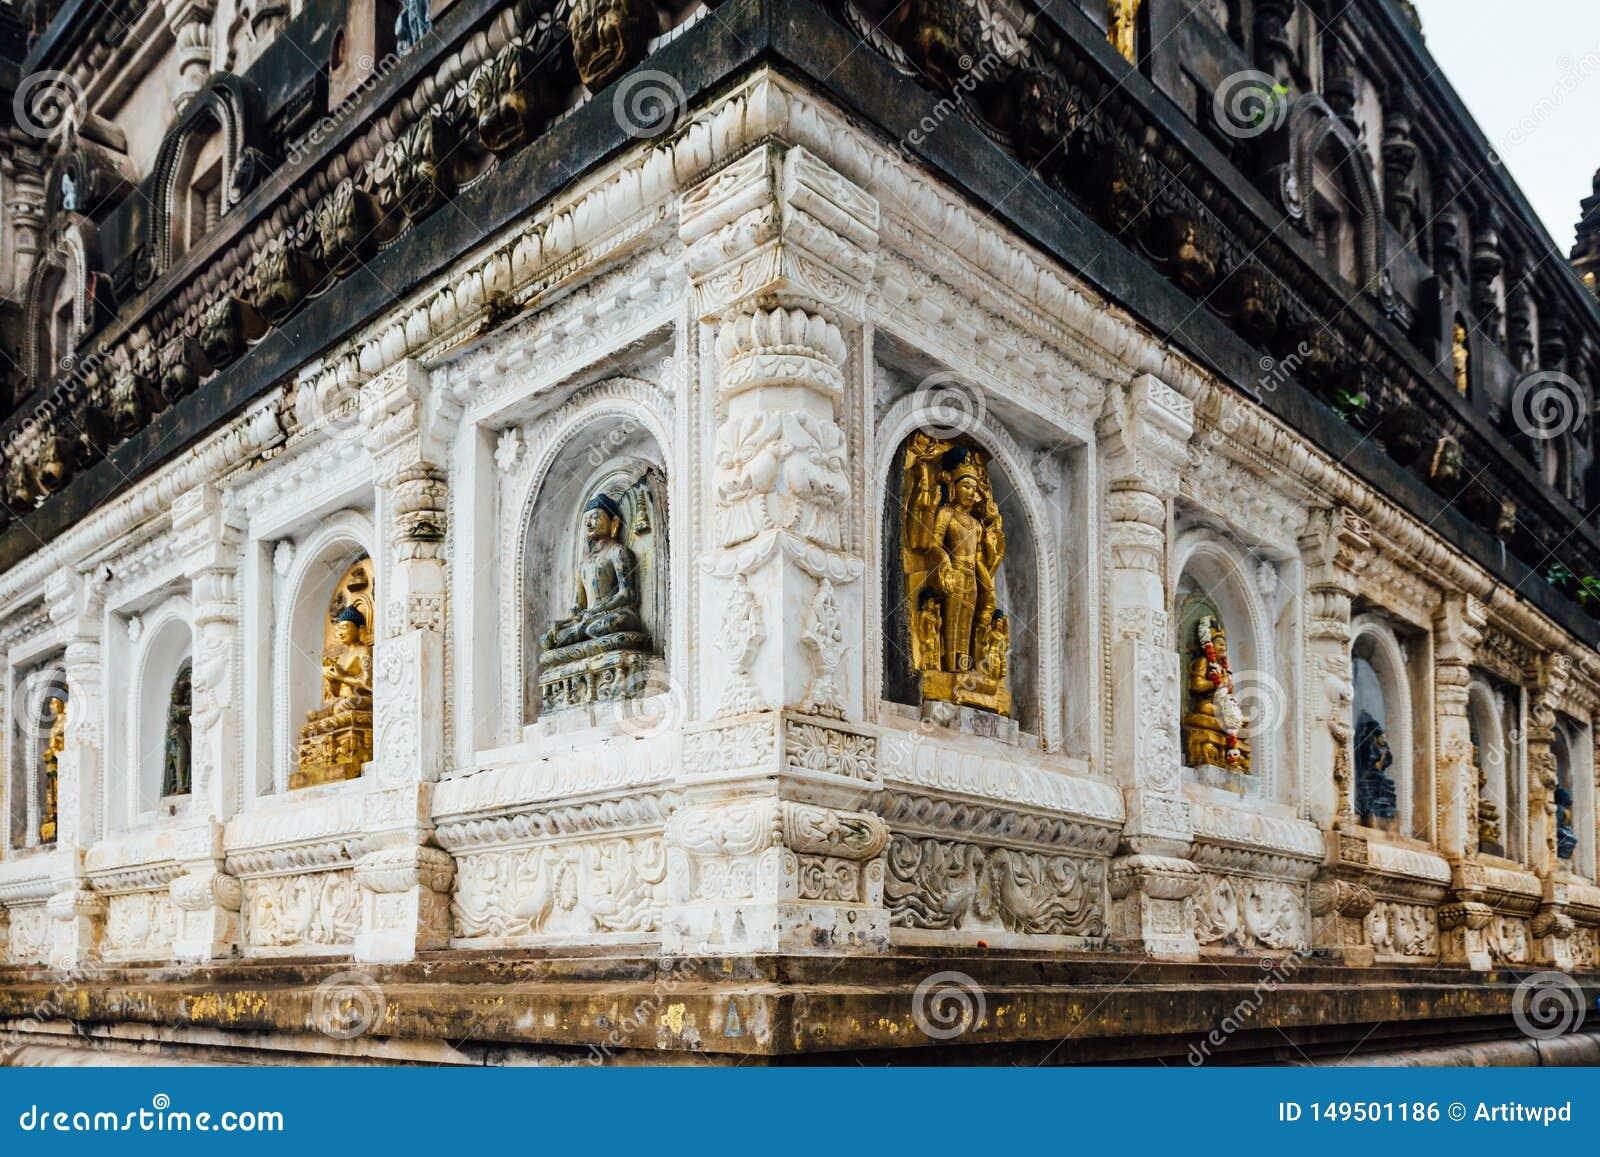 Parede do templo que decorou com muitos formul?rios e culturas de est?tuas antigas da Buda no templo de Mahabodhi em Bodh Gaya